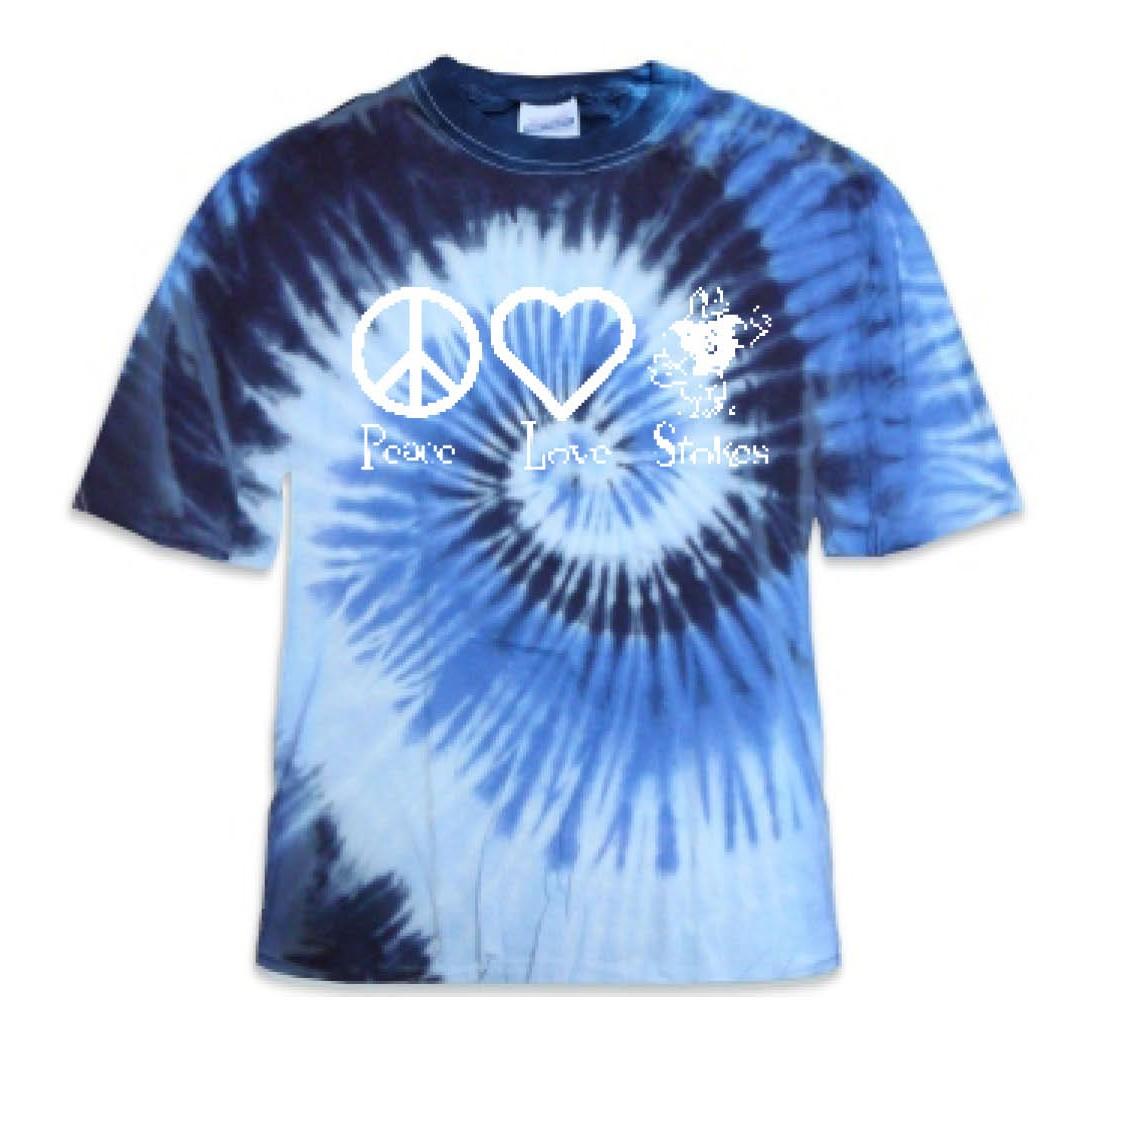 Stokes Peace & Love Tye Dye Shirts